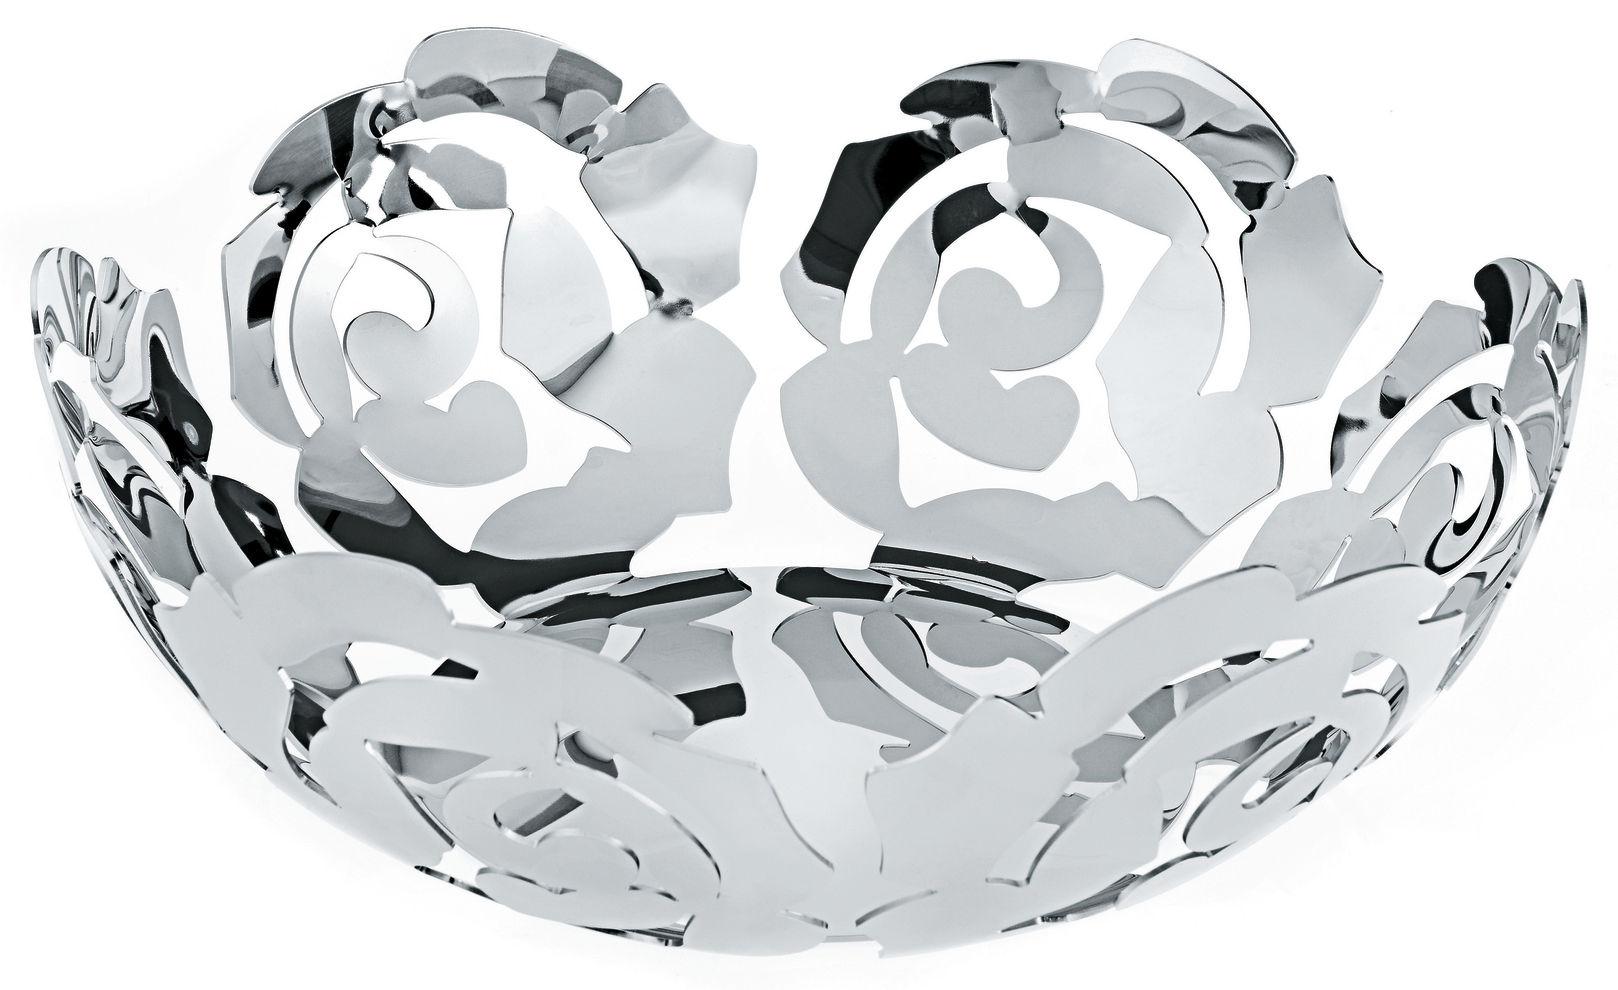 Accessori moda - Accessori bagno - Cesto La Rosa di Alessi - Ø 29 cm - Acciaio brillante - Acciaio inossidabile